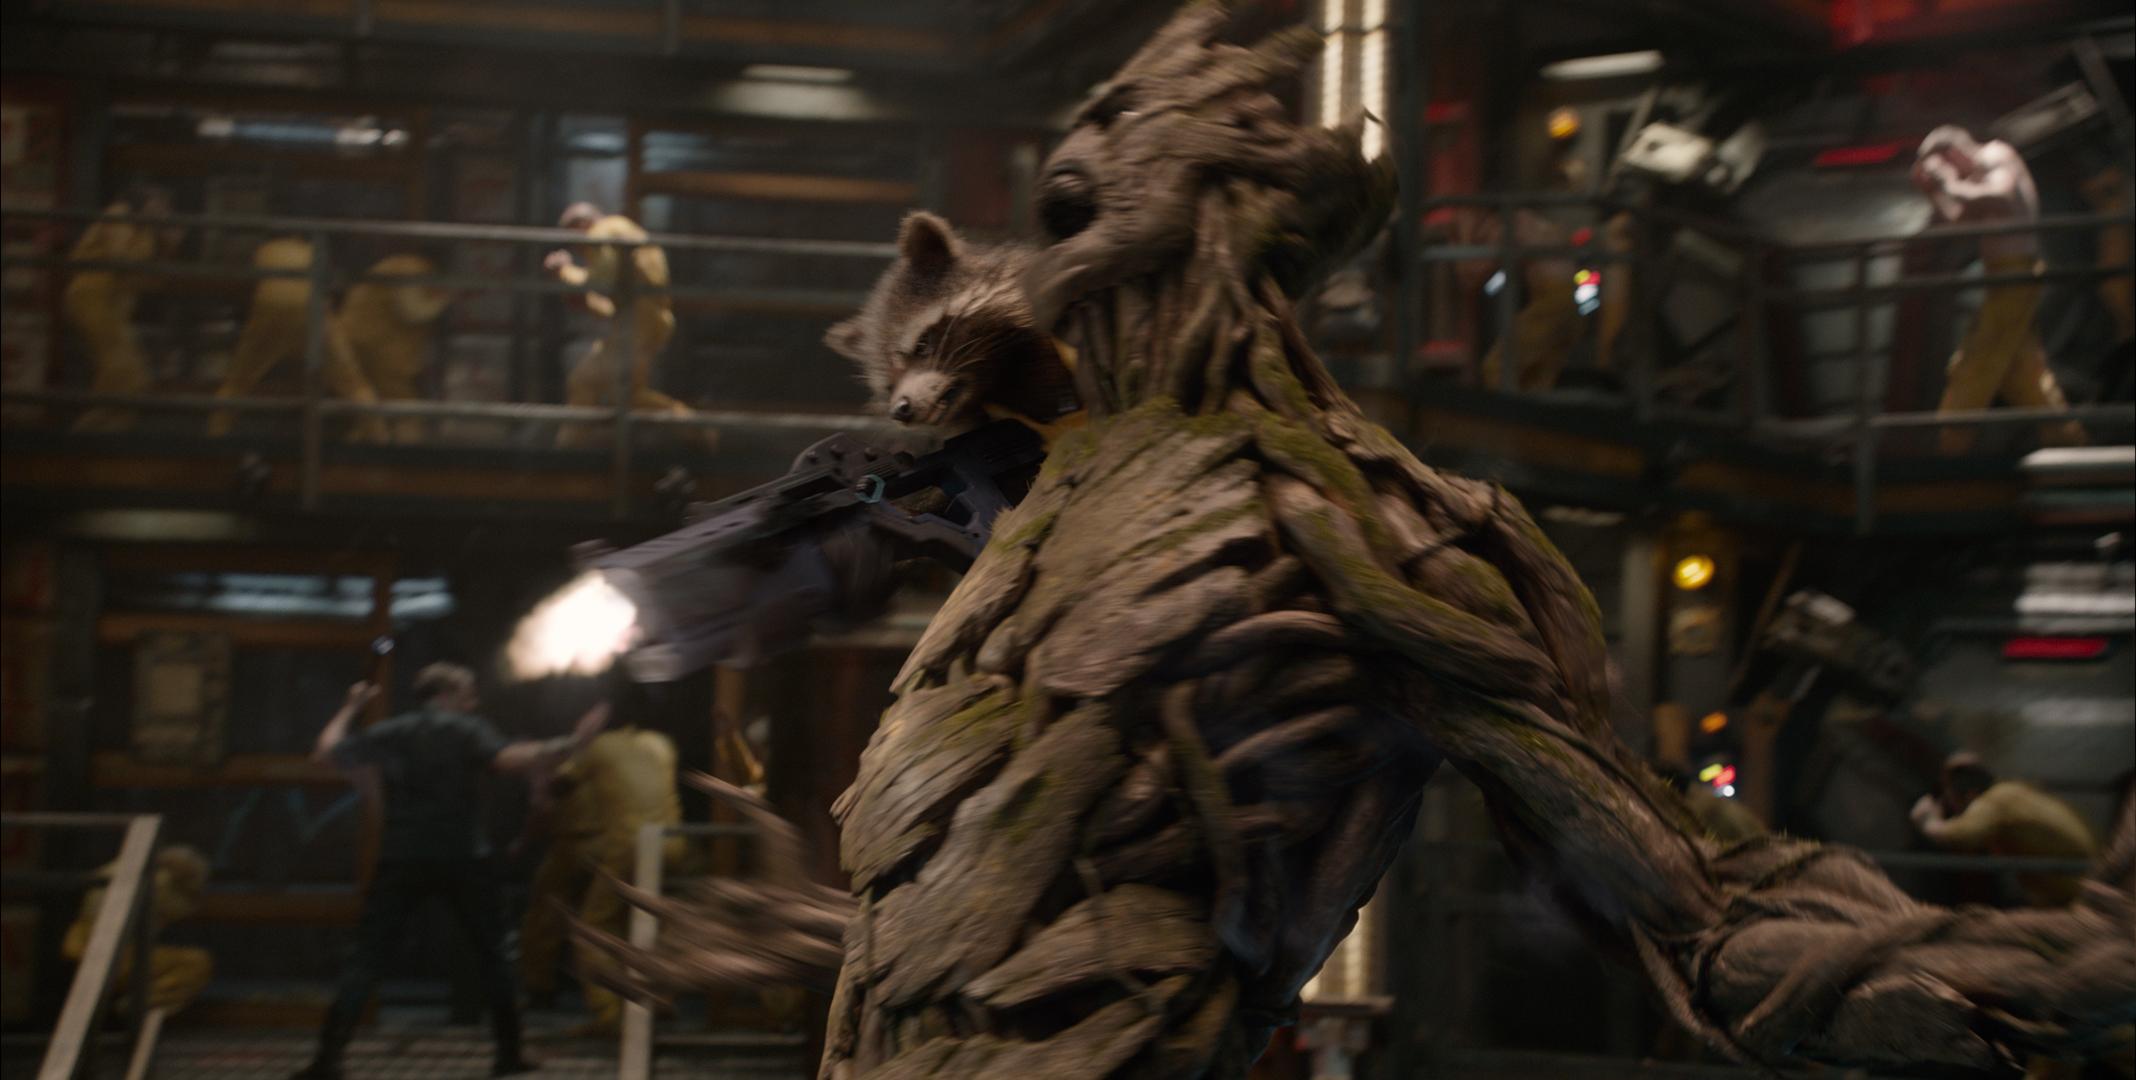 Groot, Rocket Raccoon, Guardians of the Galaxy, Vin Diesel, Bradley Cooper